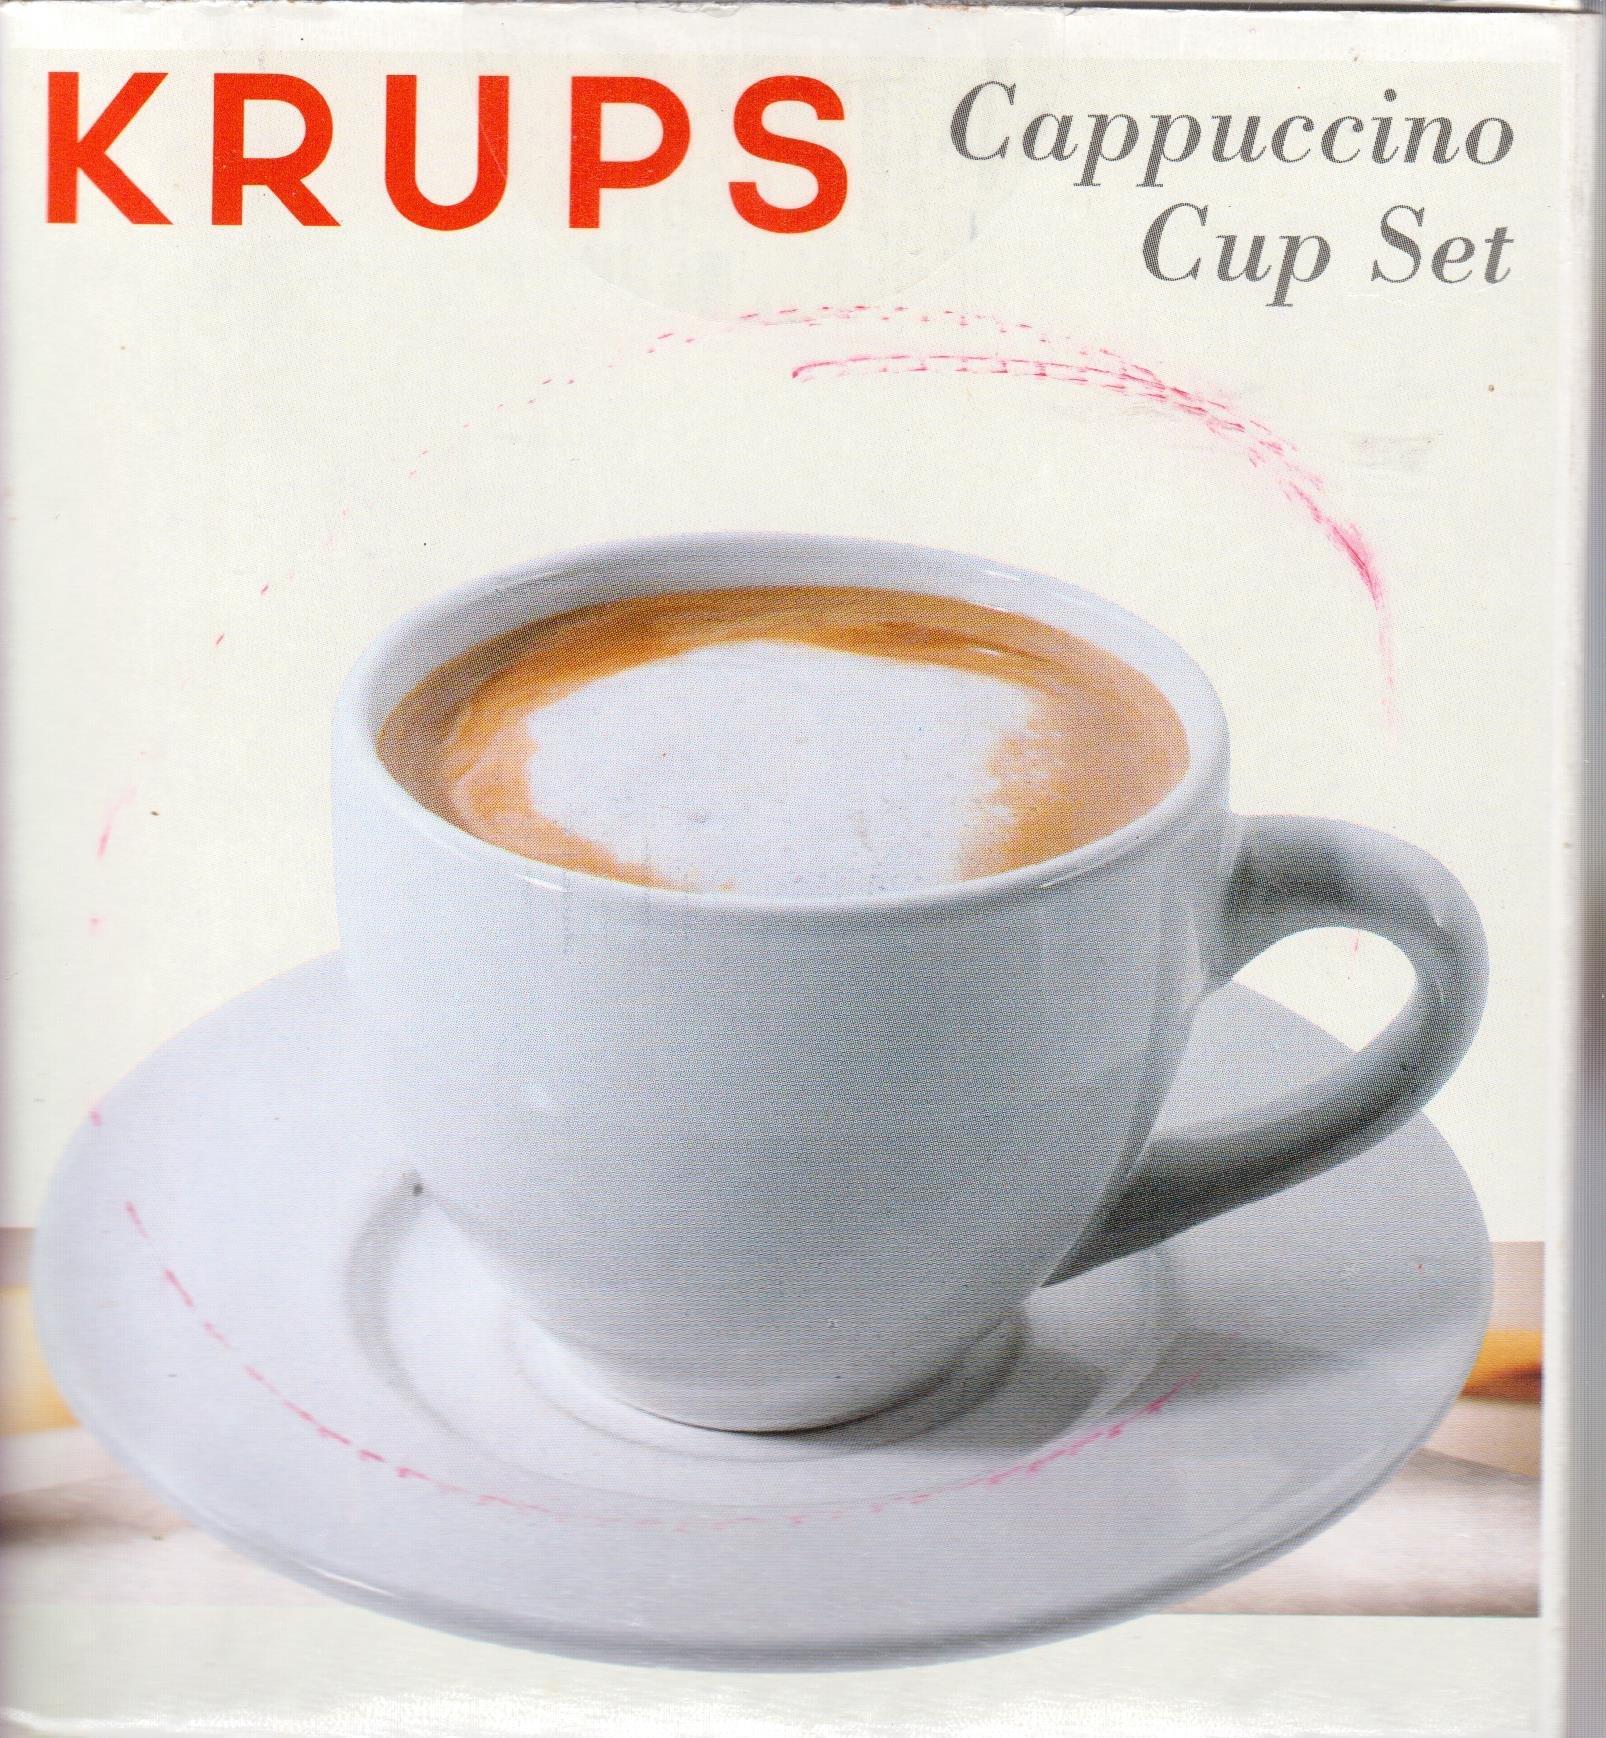 Krups Cappuccino Cup Set